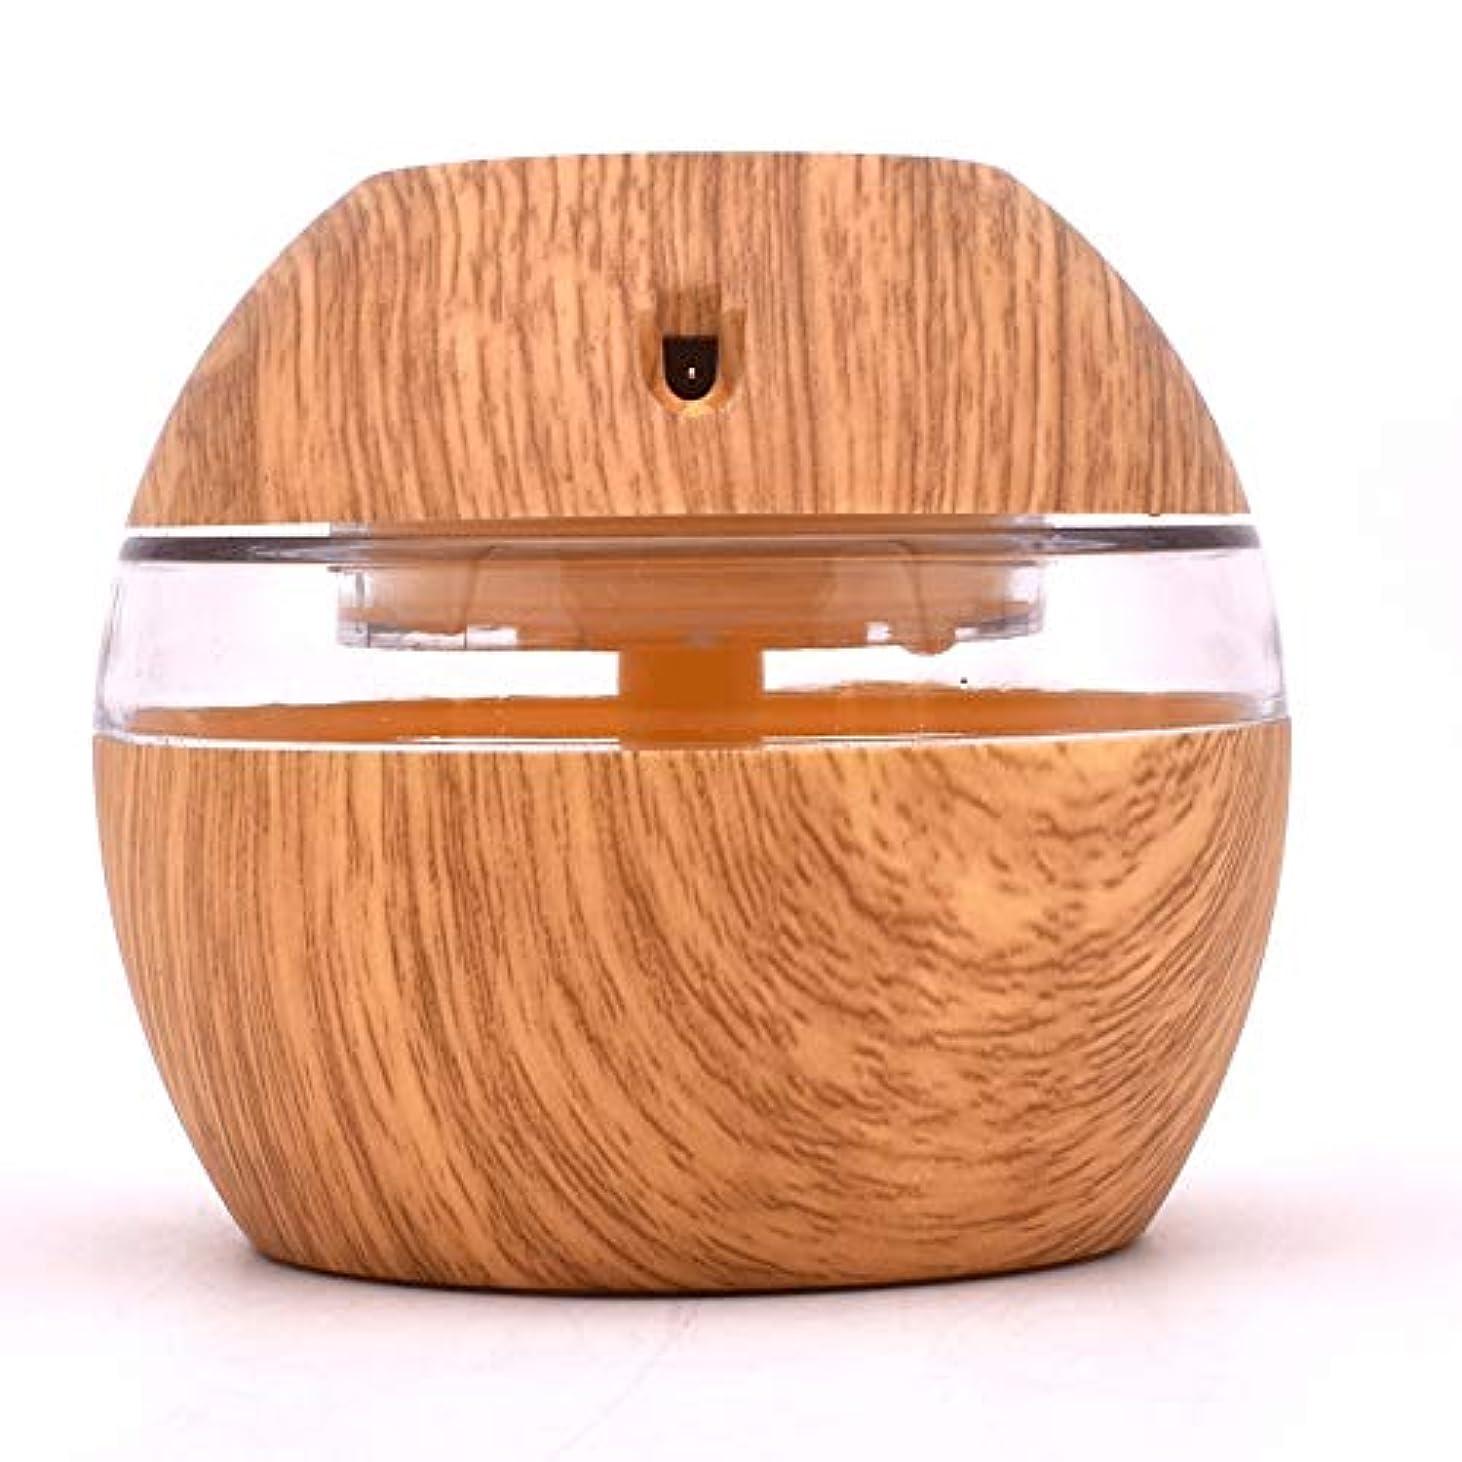 聖なるダイヤモンド制裁300ML Aroma Diffuser Essential Oil Diffuser With 7 Color LED Lights Waterless Auto Off